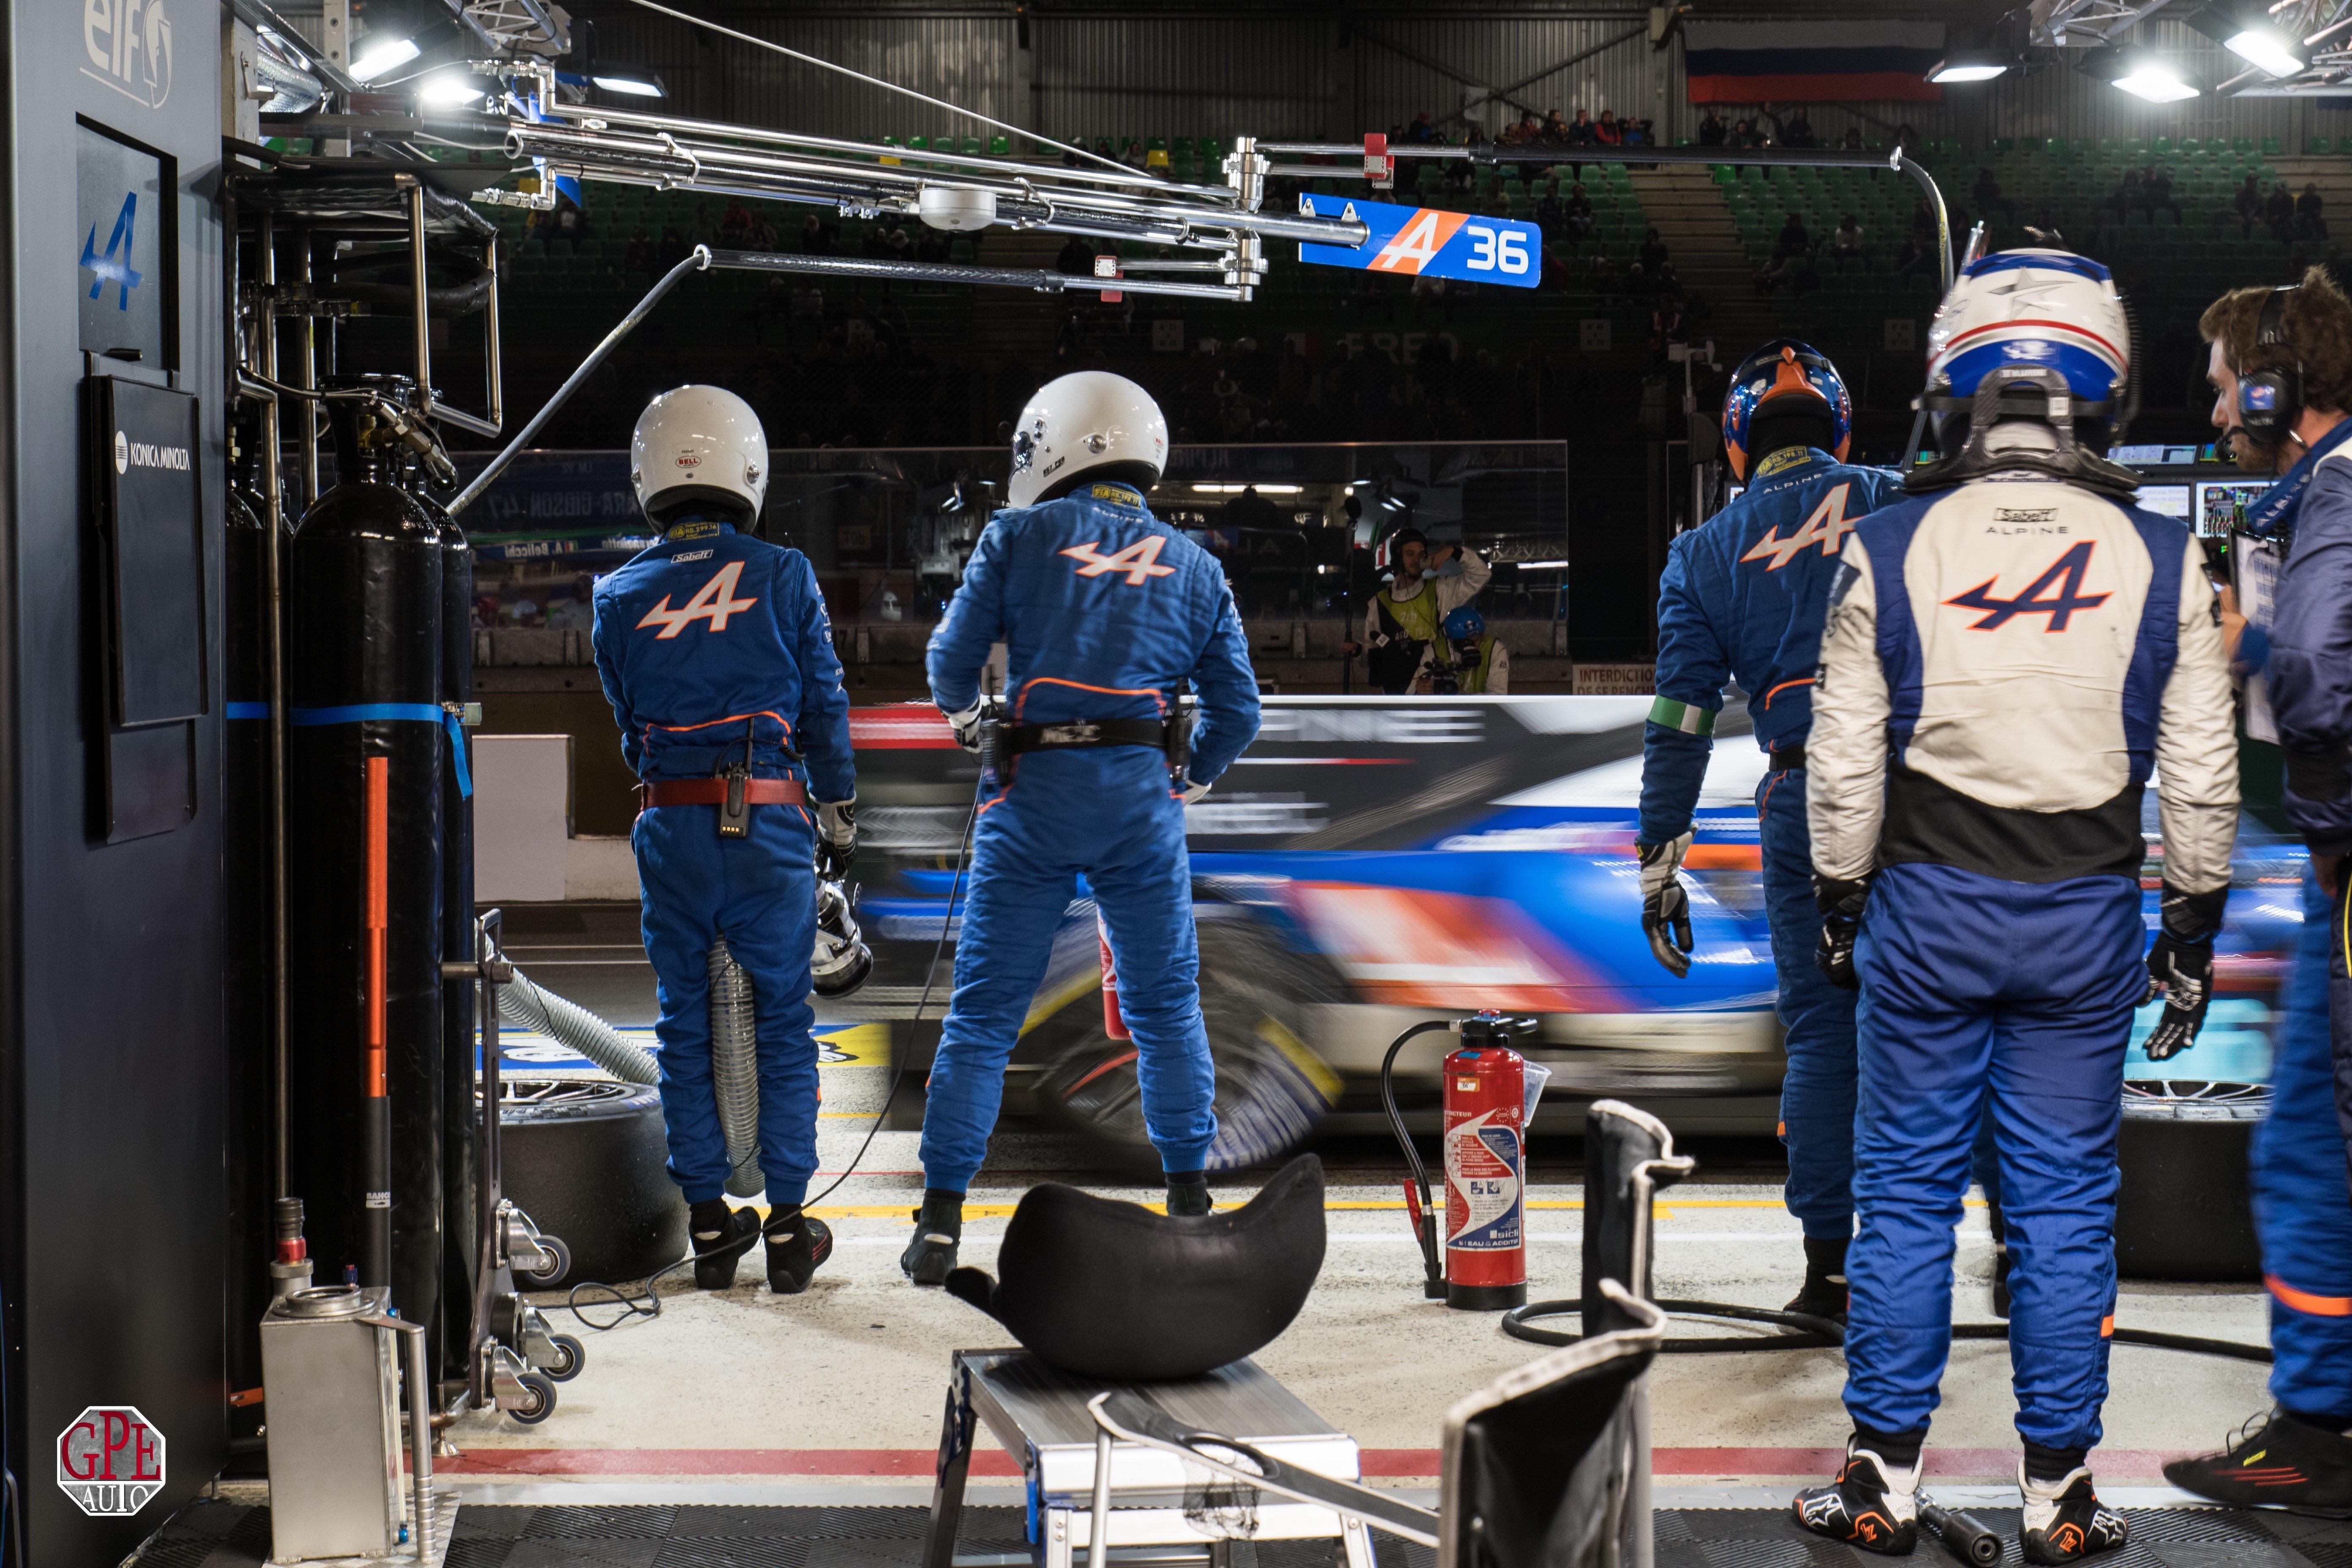 DSC1896 | Remise des prix FIA WEC Super Saison 2018-2019